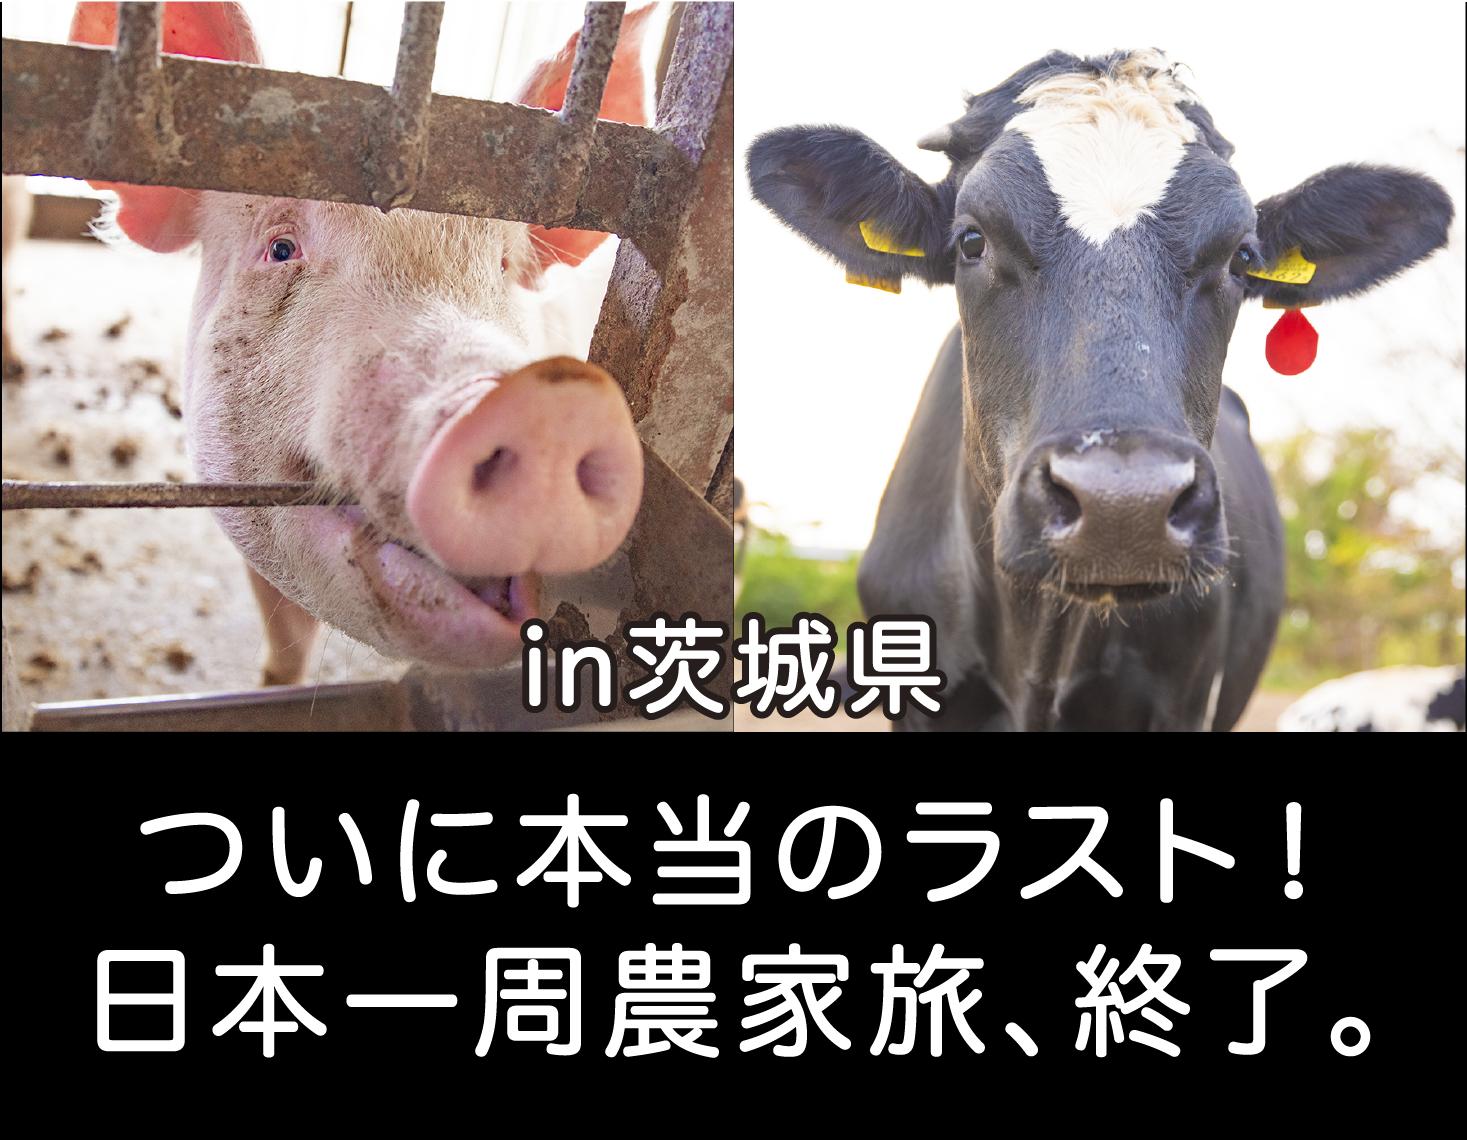 本当のラスト。日本一周農家旅終了。|日本一周農家旅 鹿熊養豚&上野牧場 in 茨城県稲敷